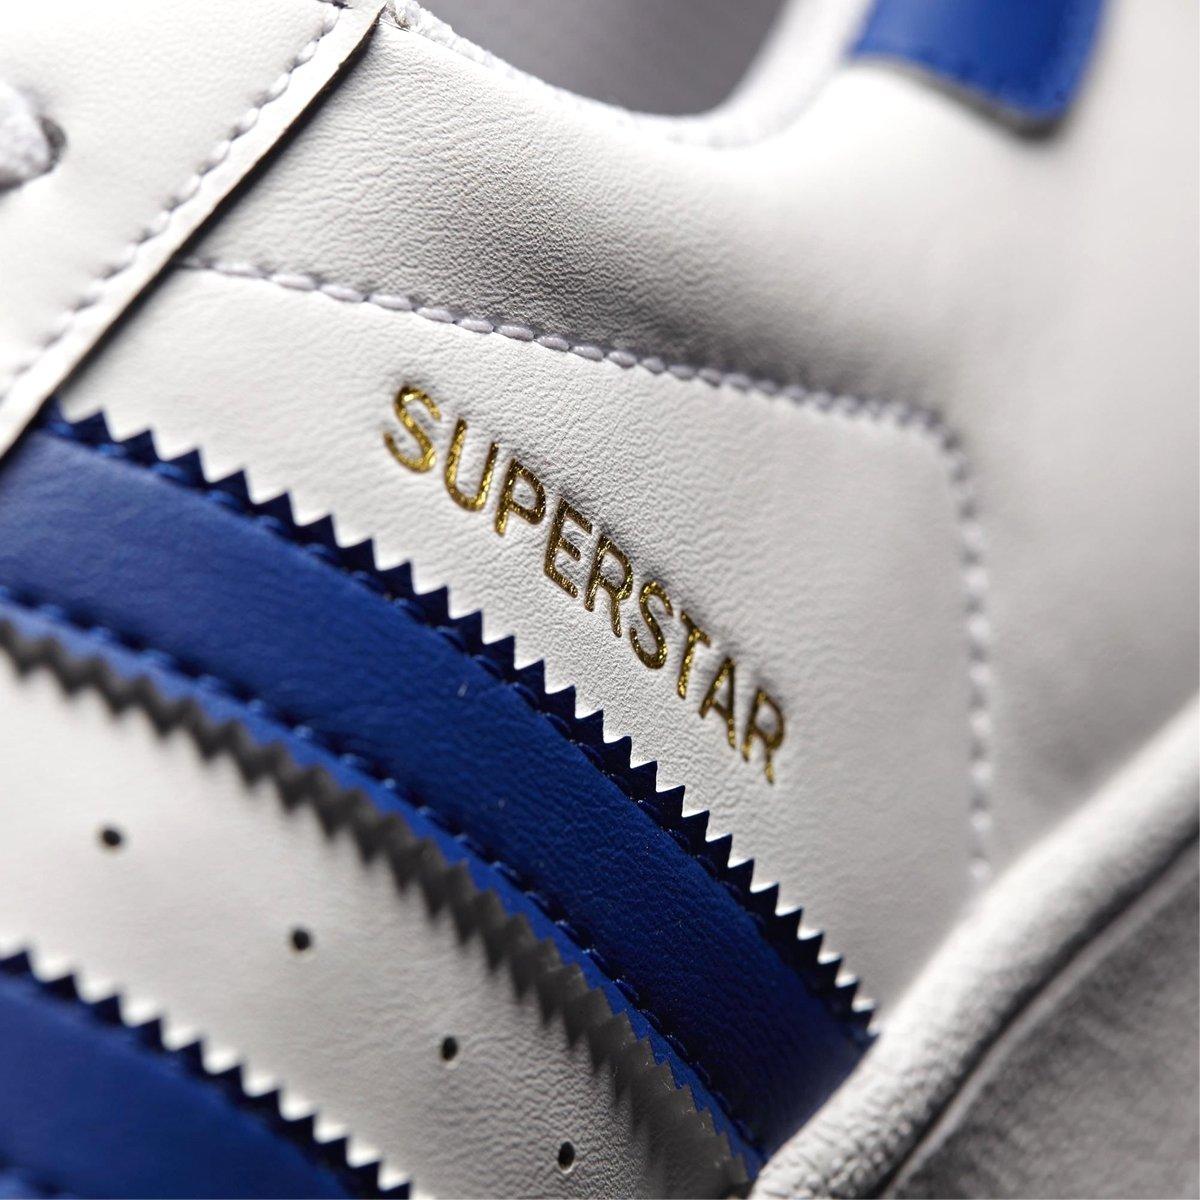 adidas superstar dames blauwe strepen